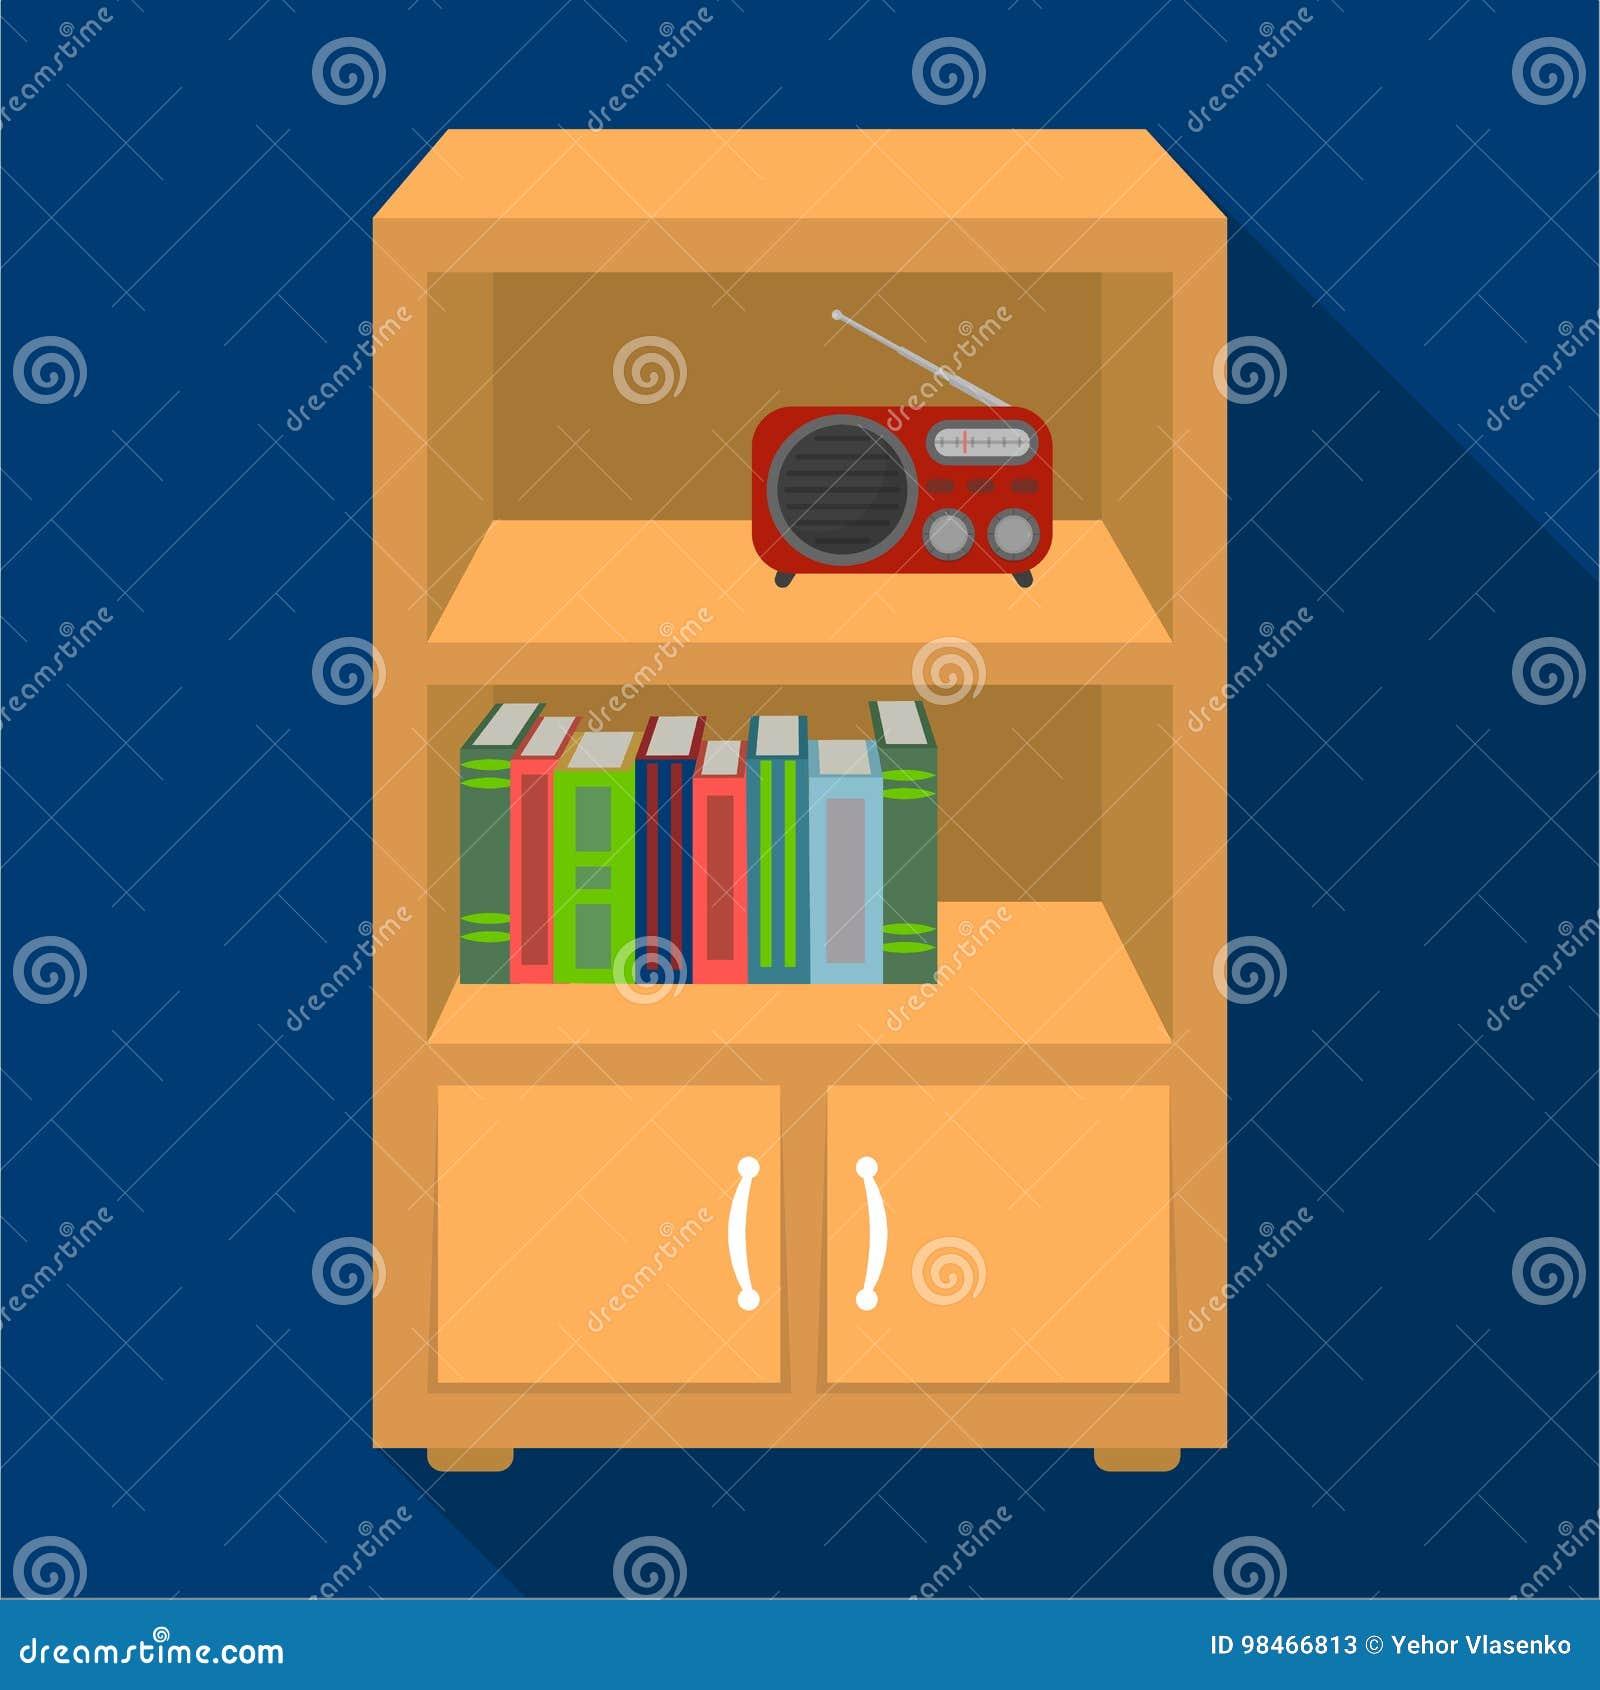 Muebles Estantes Para Libros.Un Estante Para Libros Con Estantes Y Un Receptor De Radio